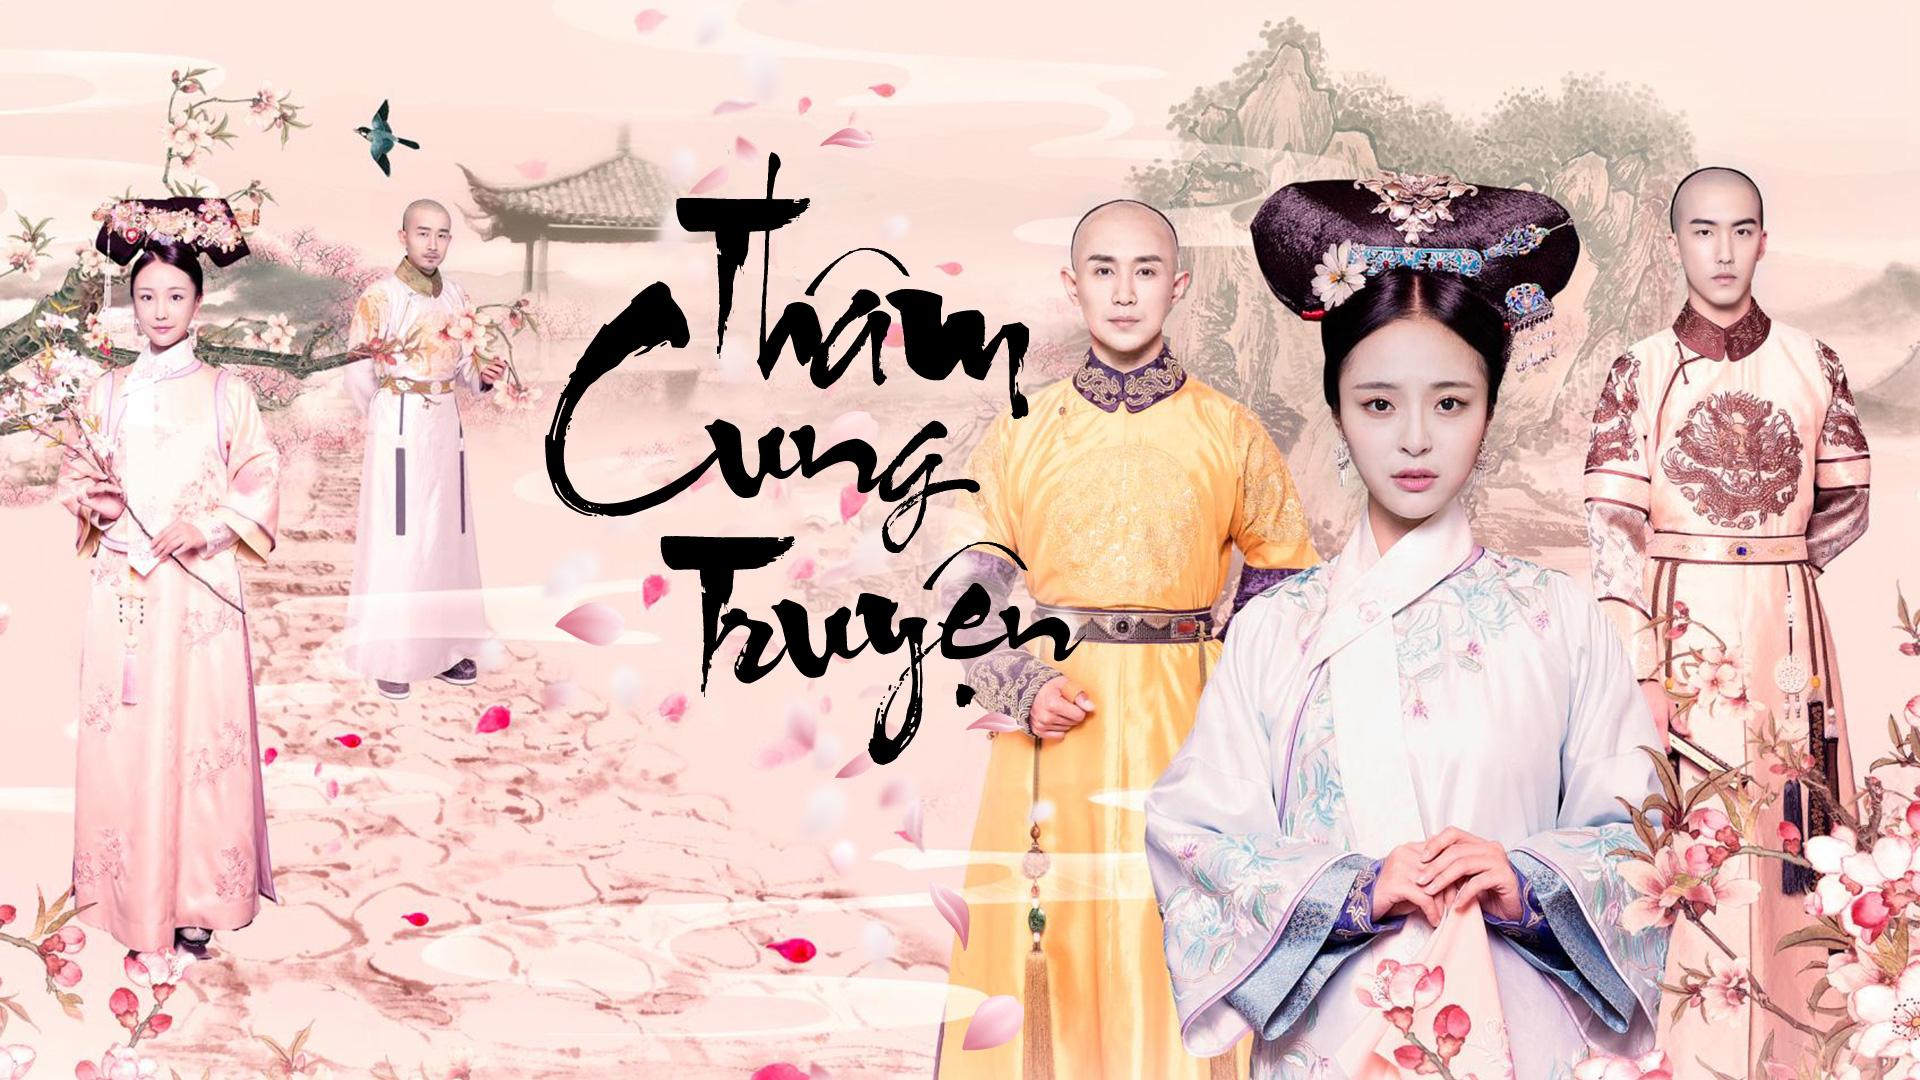 Phim Trung Quốc đấu đá hậu cung - Thâm cung truyện – Love in the Imperial Palace